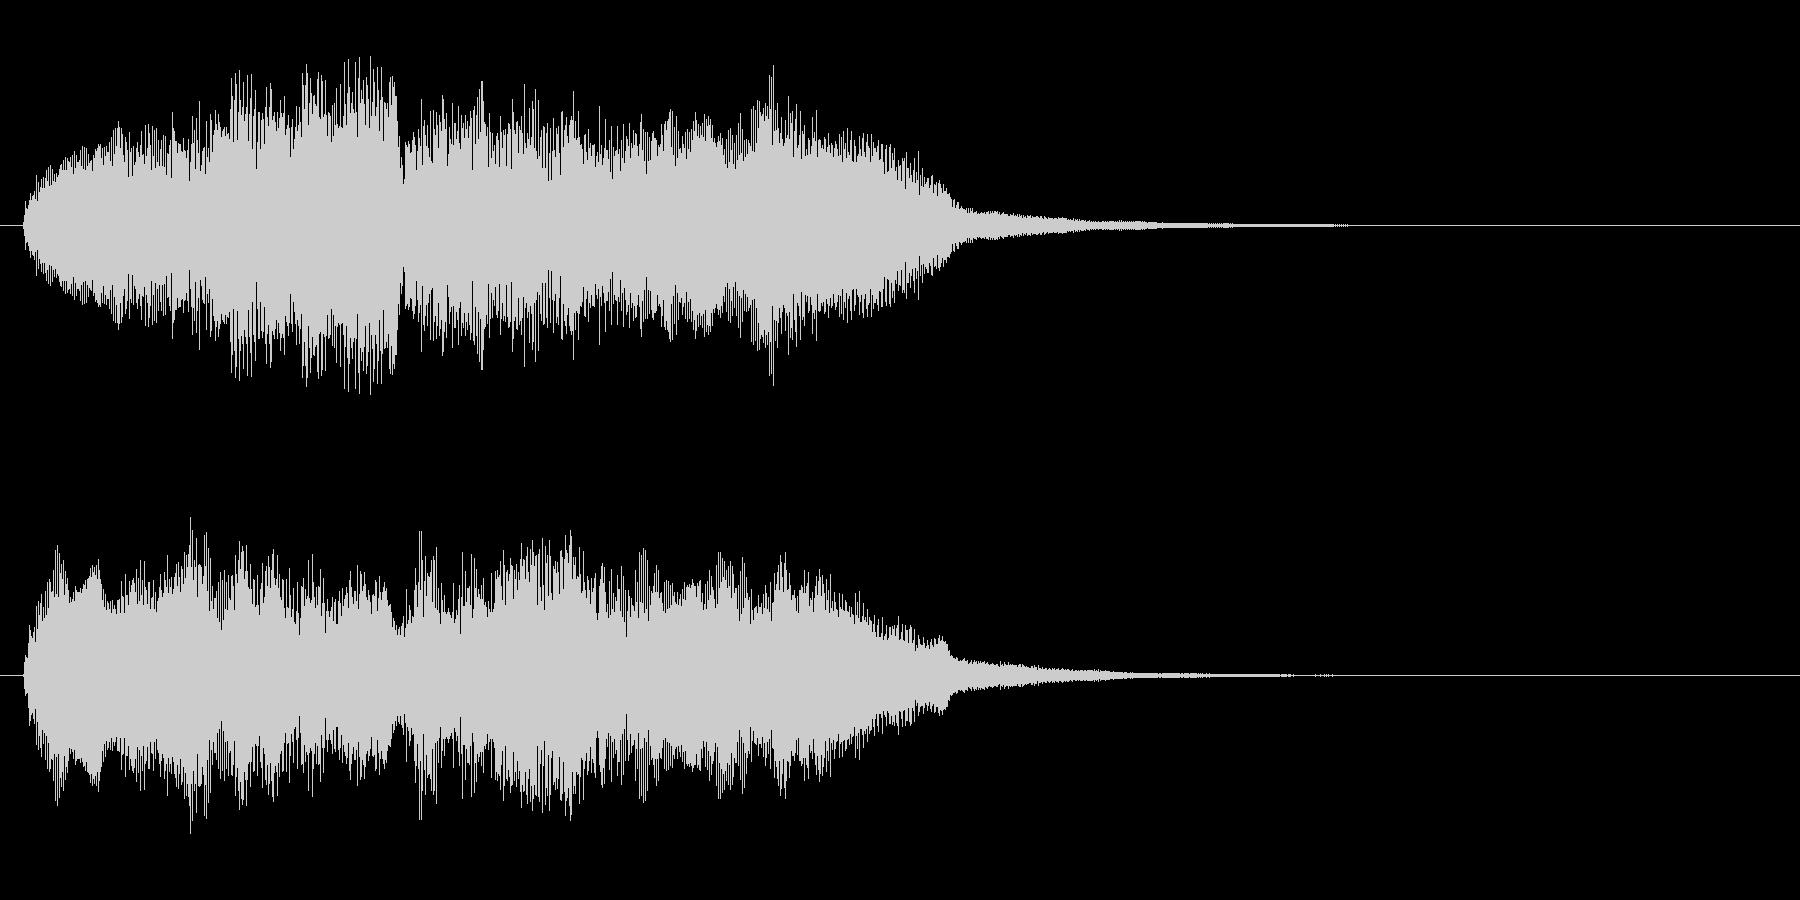 穏やかなオーケストラジングルの未再生の波形